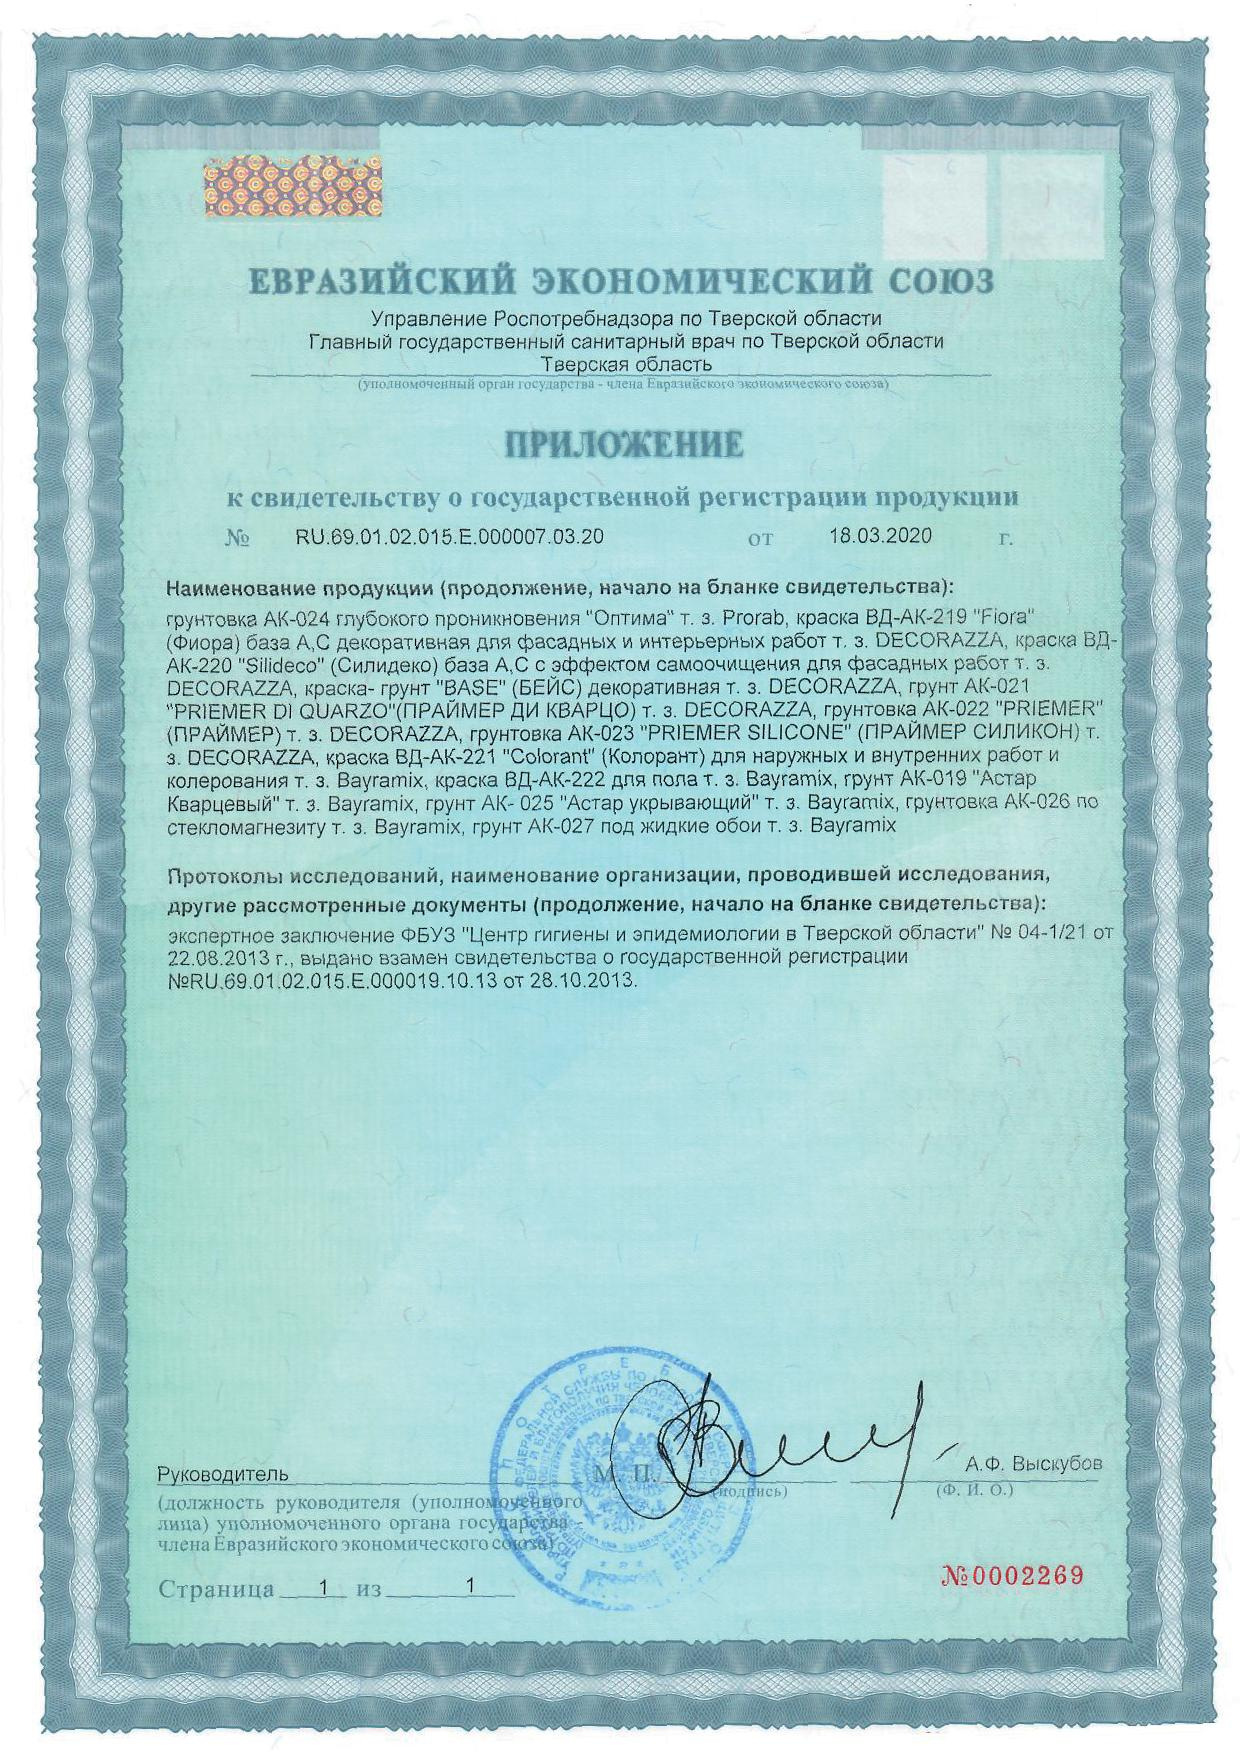 Сви-во о гос. регистрации_краски, грунтовка_стр2